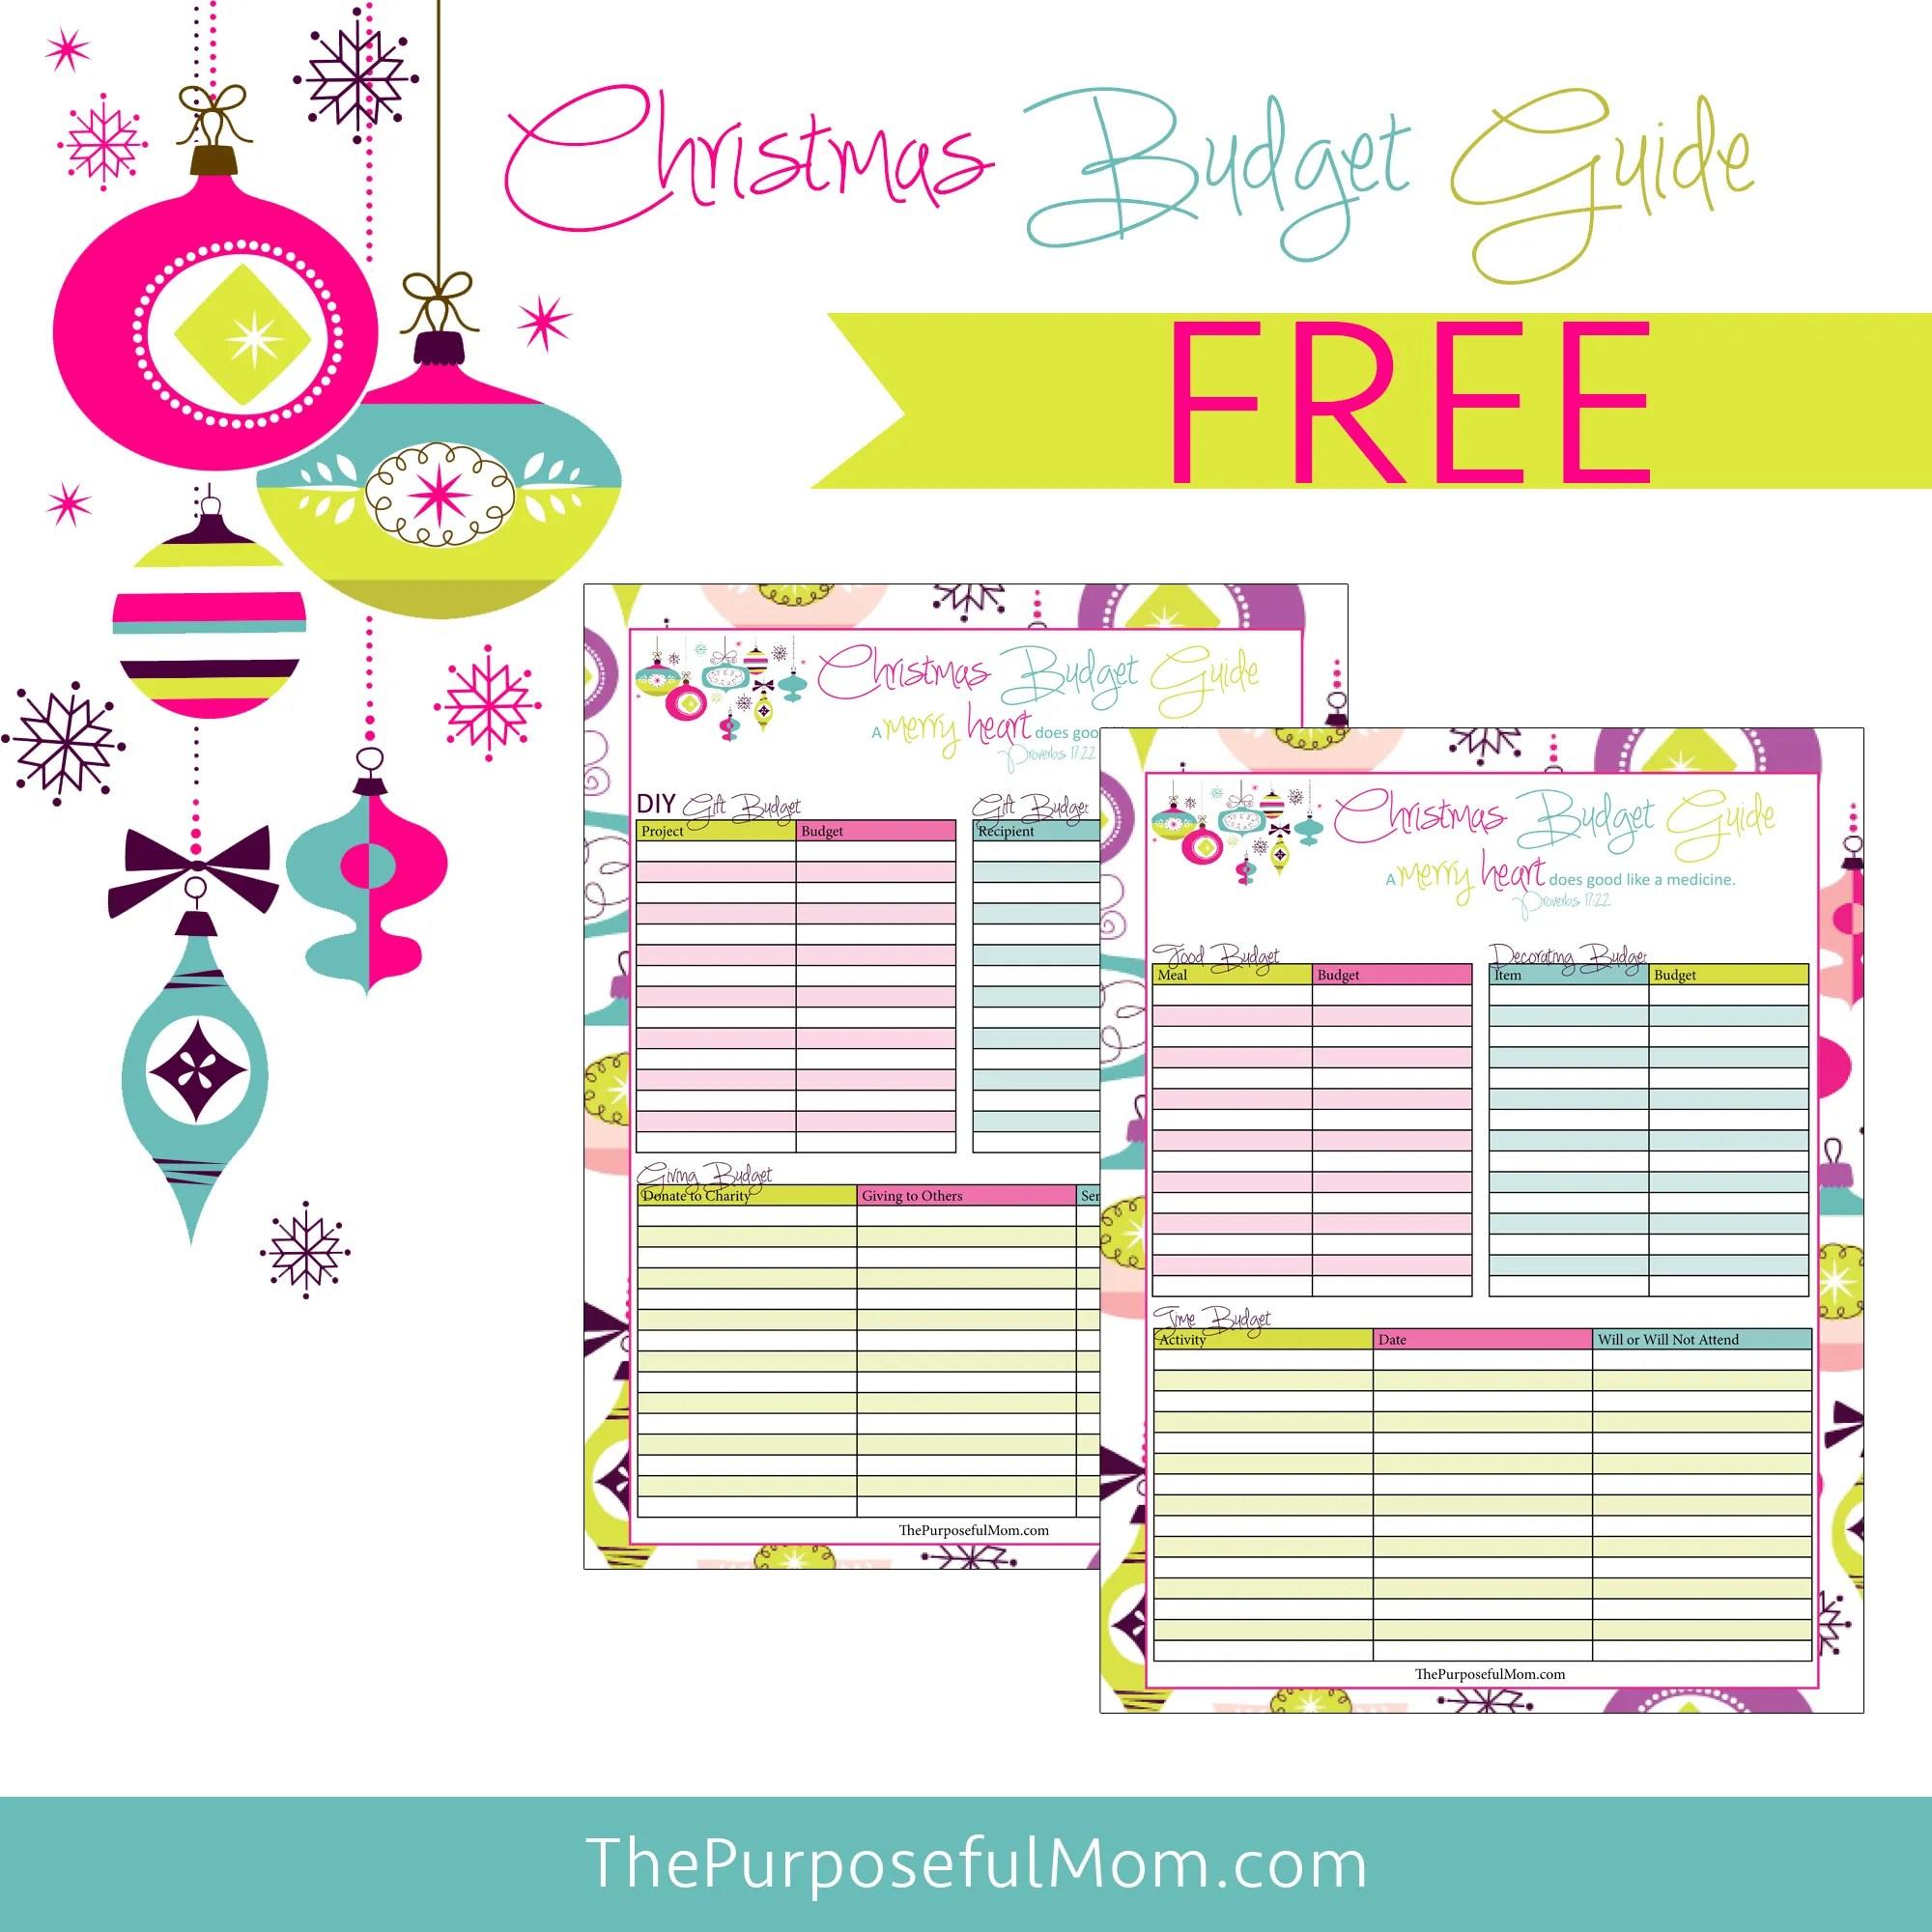 Free Printable Christmas Budget Planner